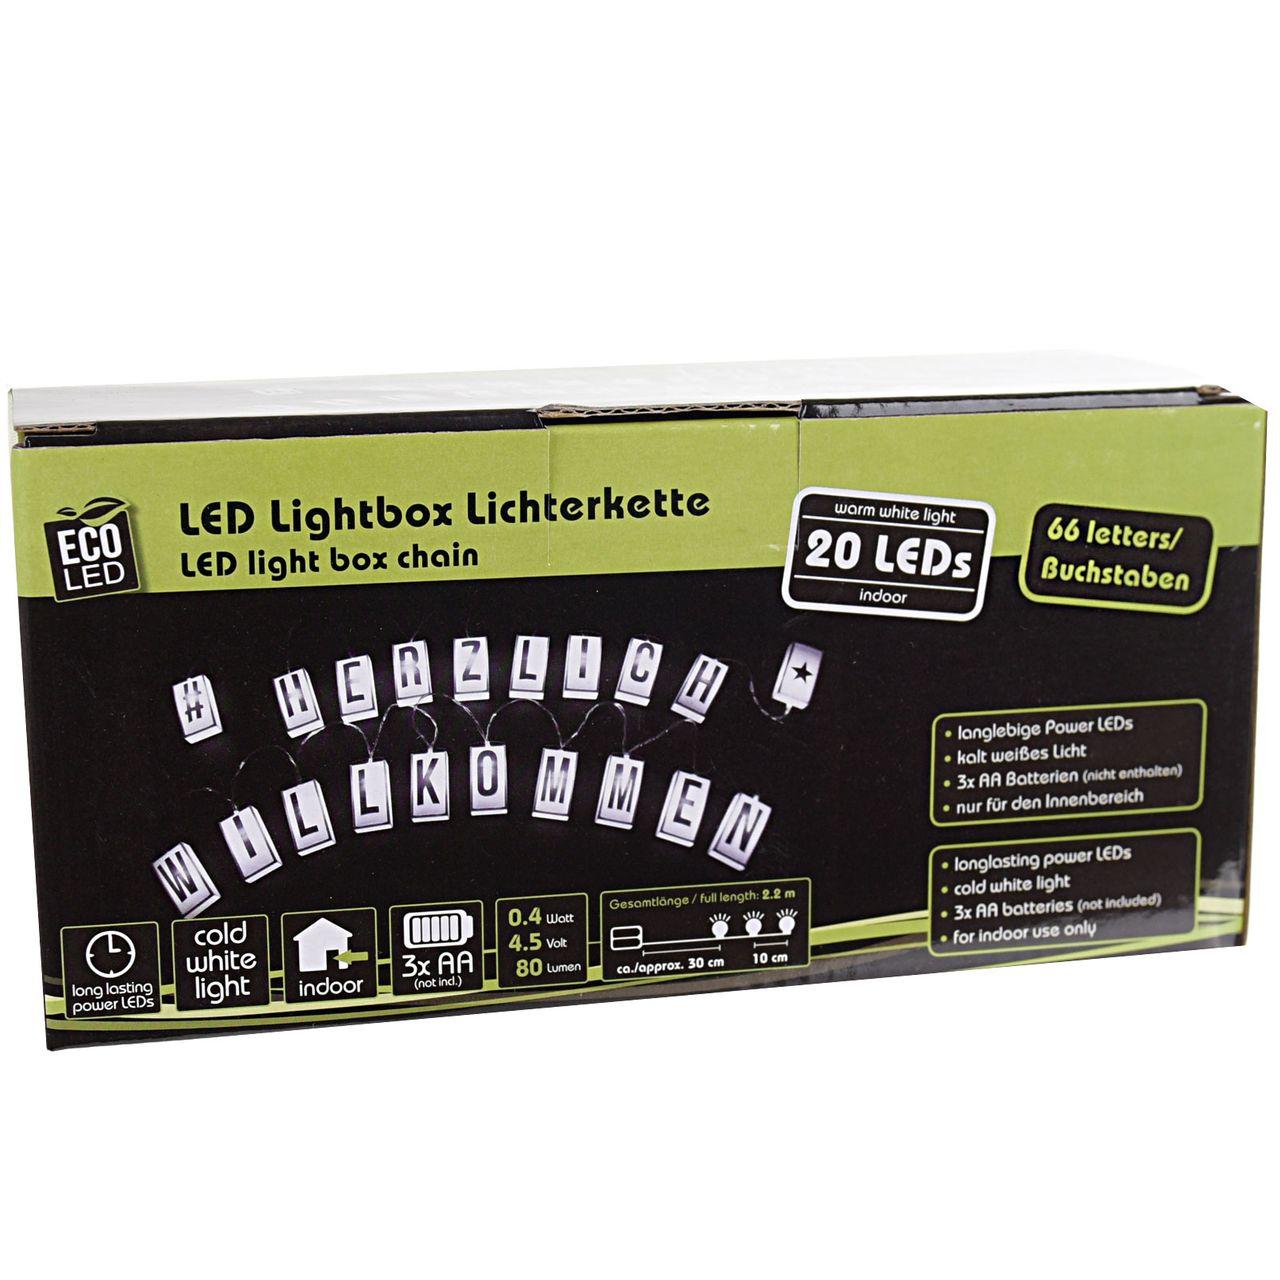 ECO LED Lichterkette LED Lightbox 20er individuell beschriftbar 60 Buchstaben